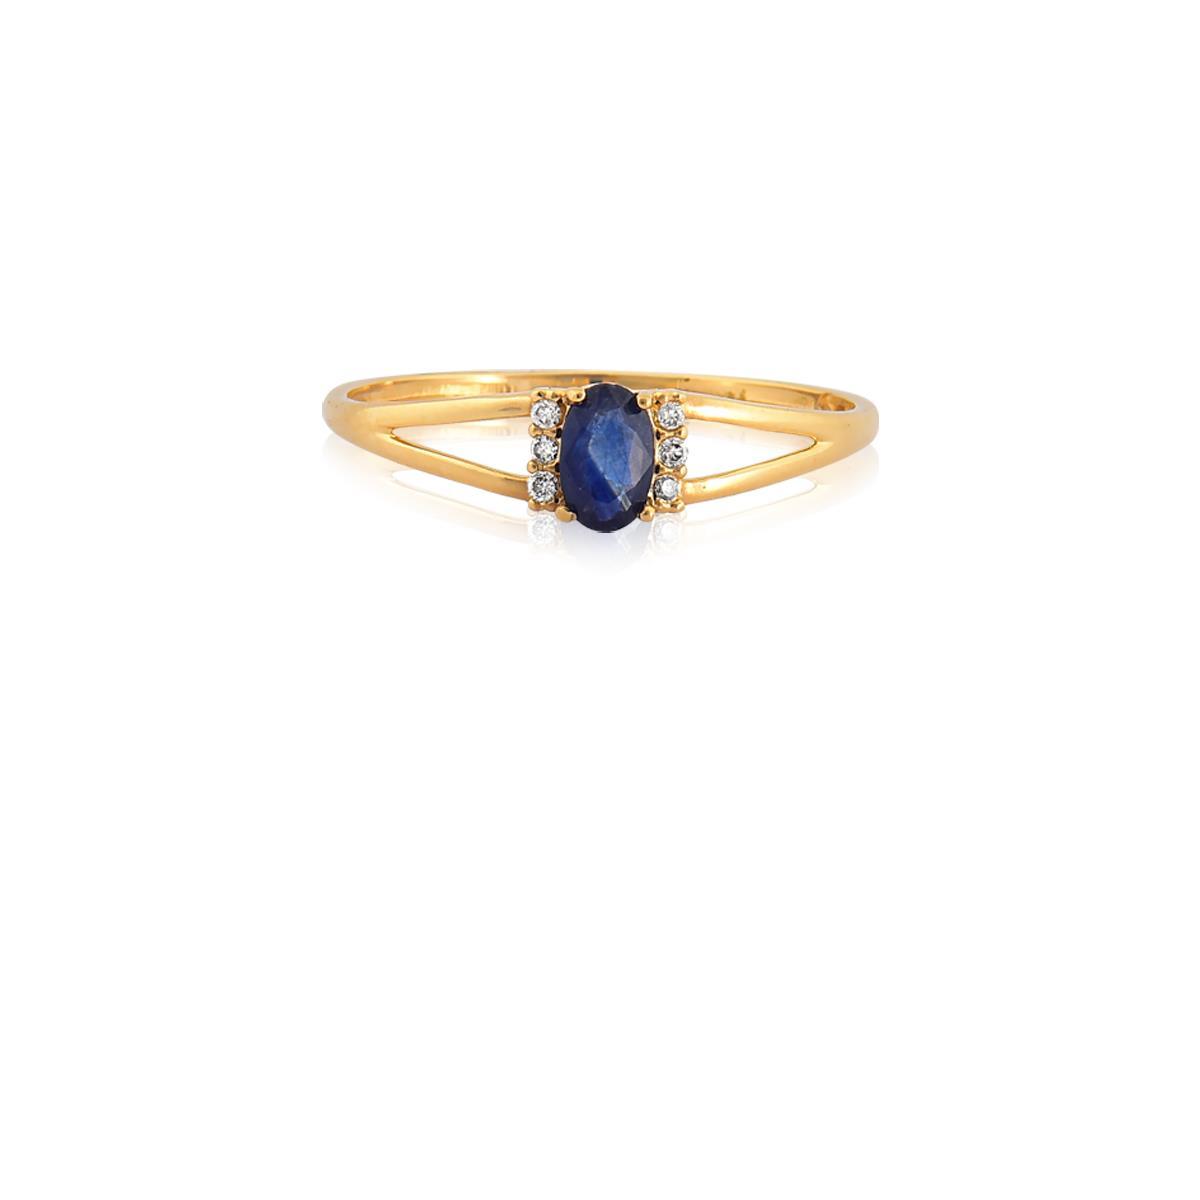 Anel Solitário de Ouro 18k com Diamante e Safira - ANF9147 2928 - Coliseu 55a9b1d197